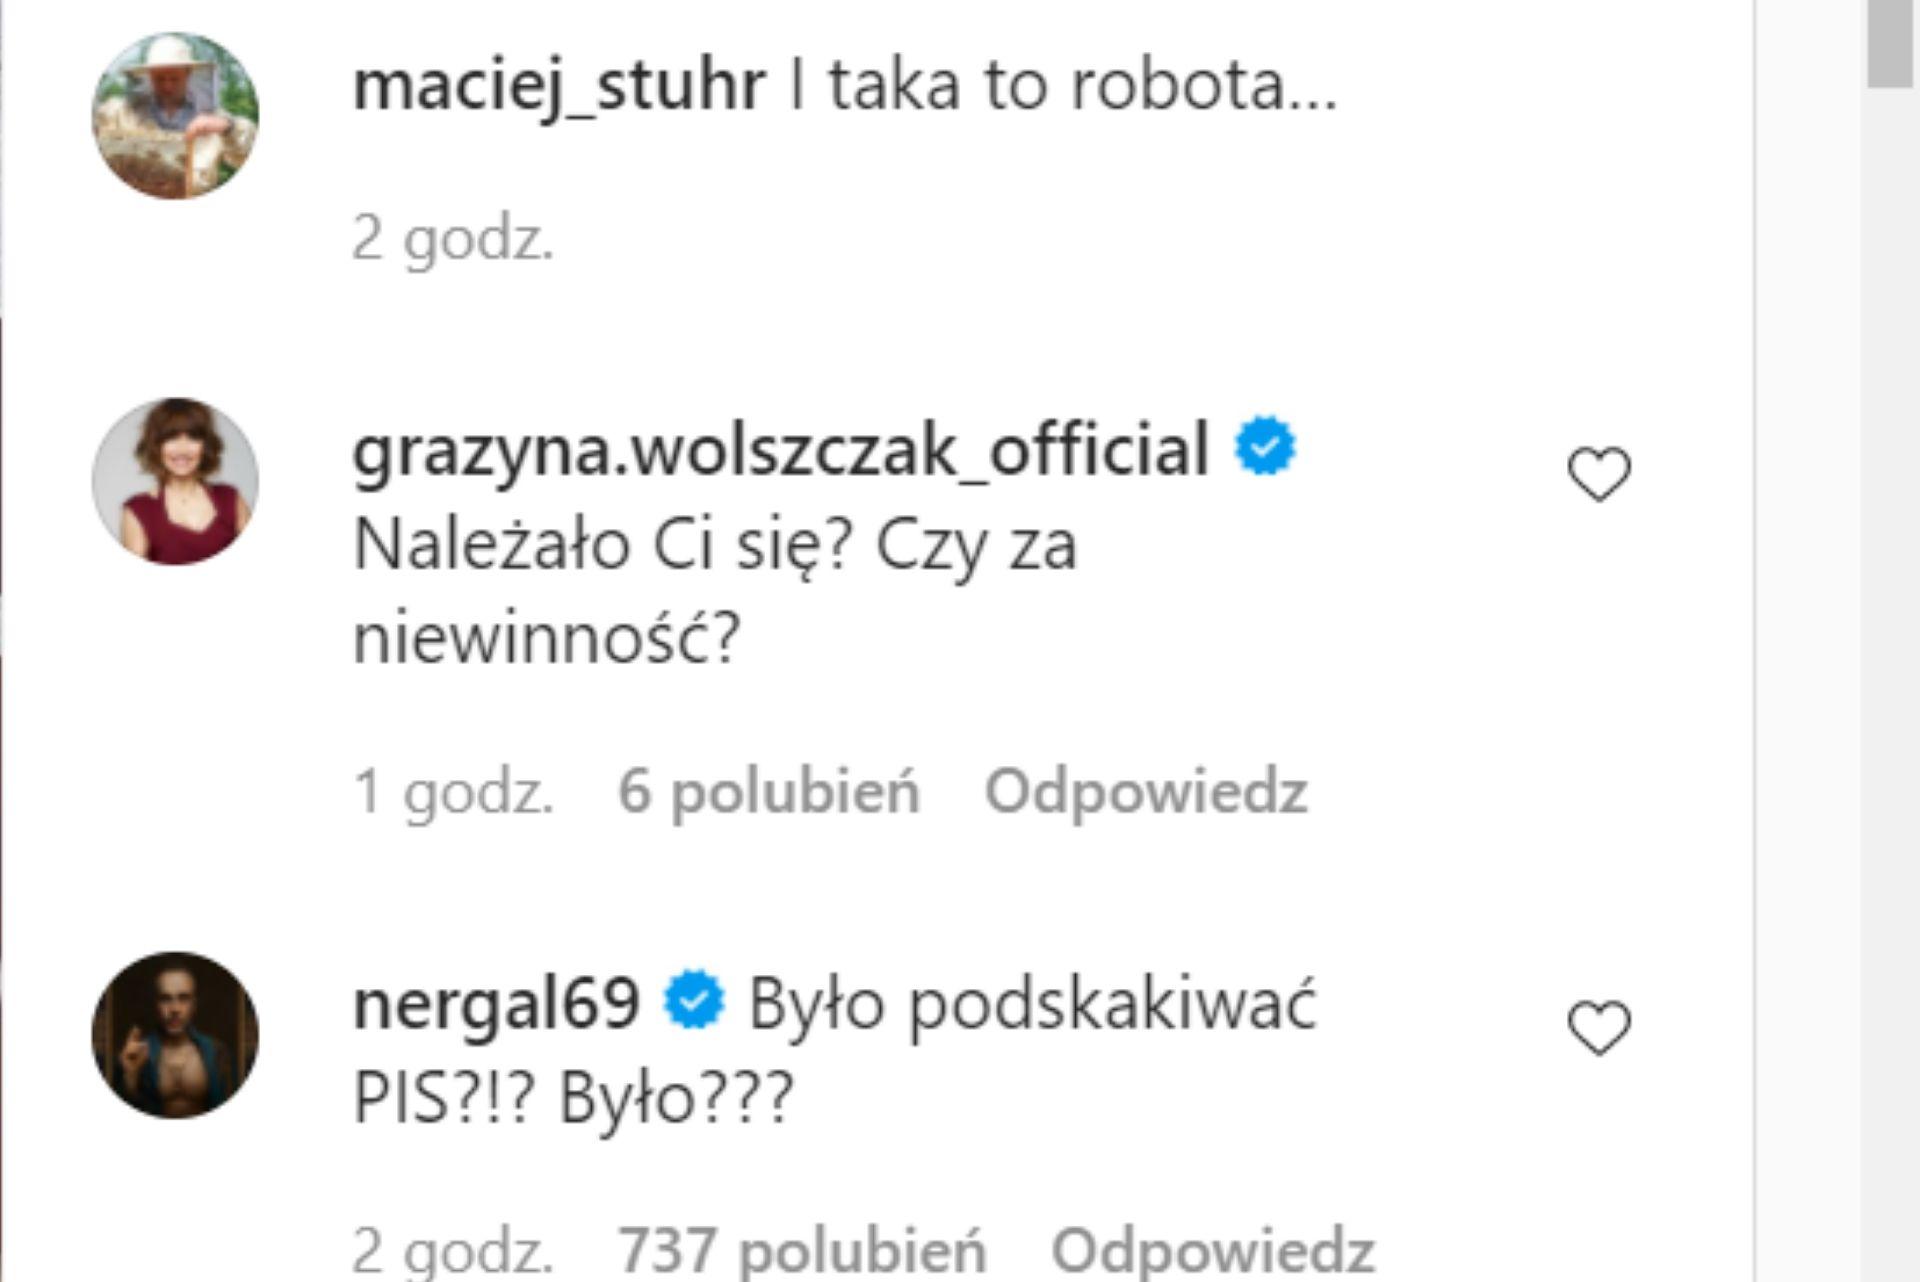 Nergal kom IG